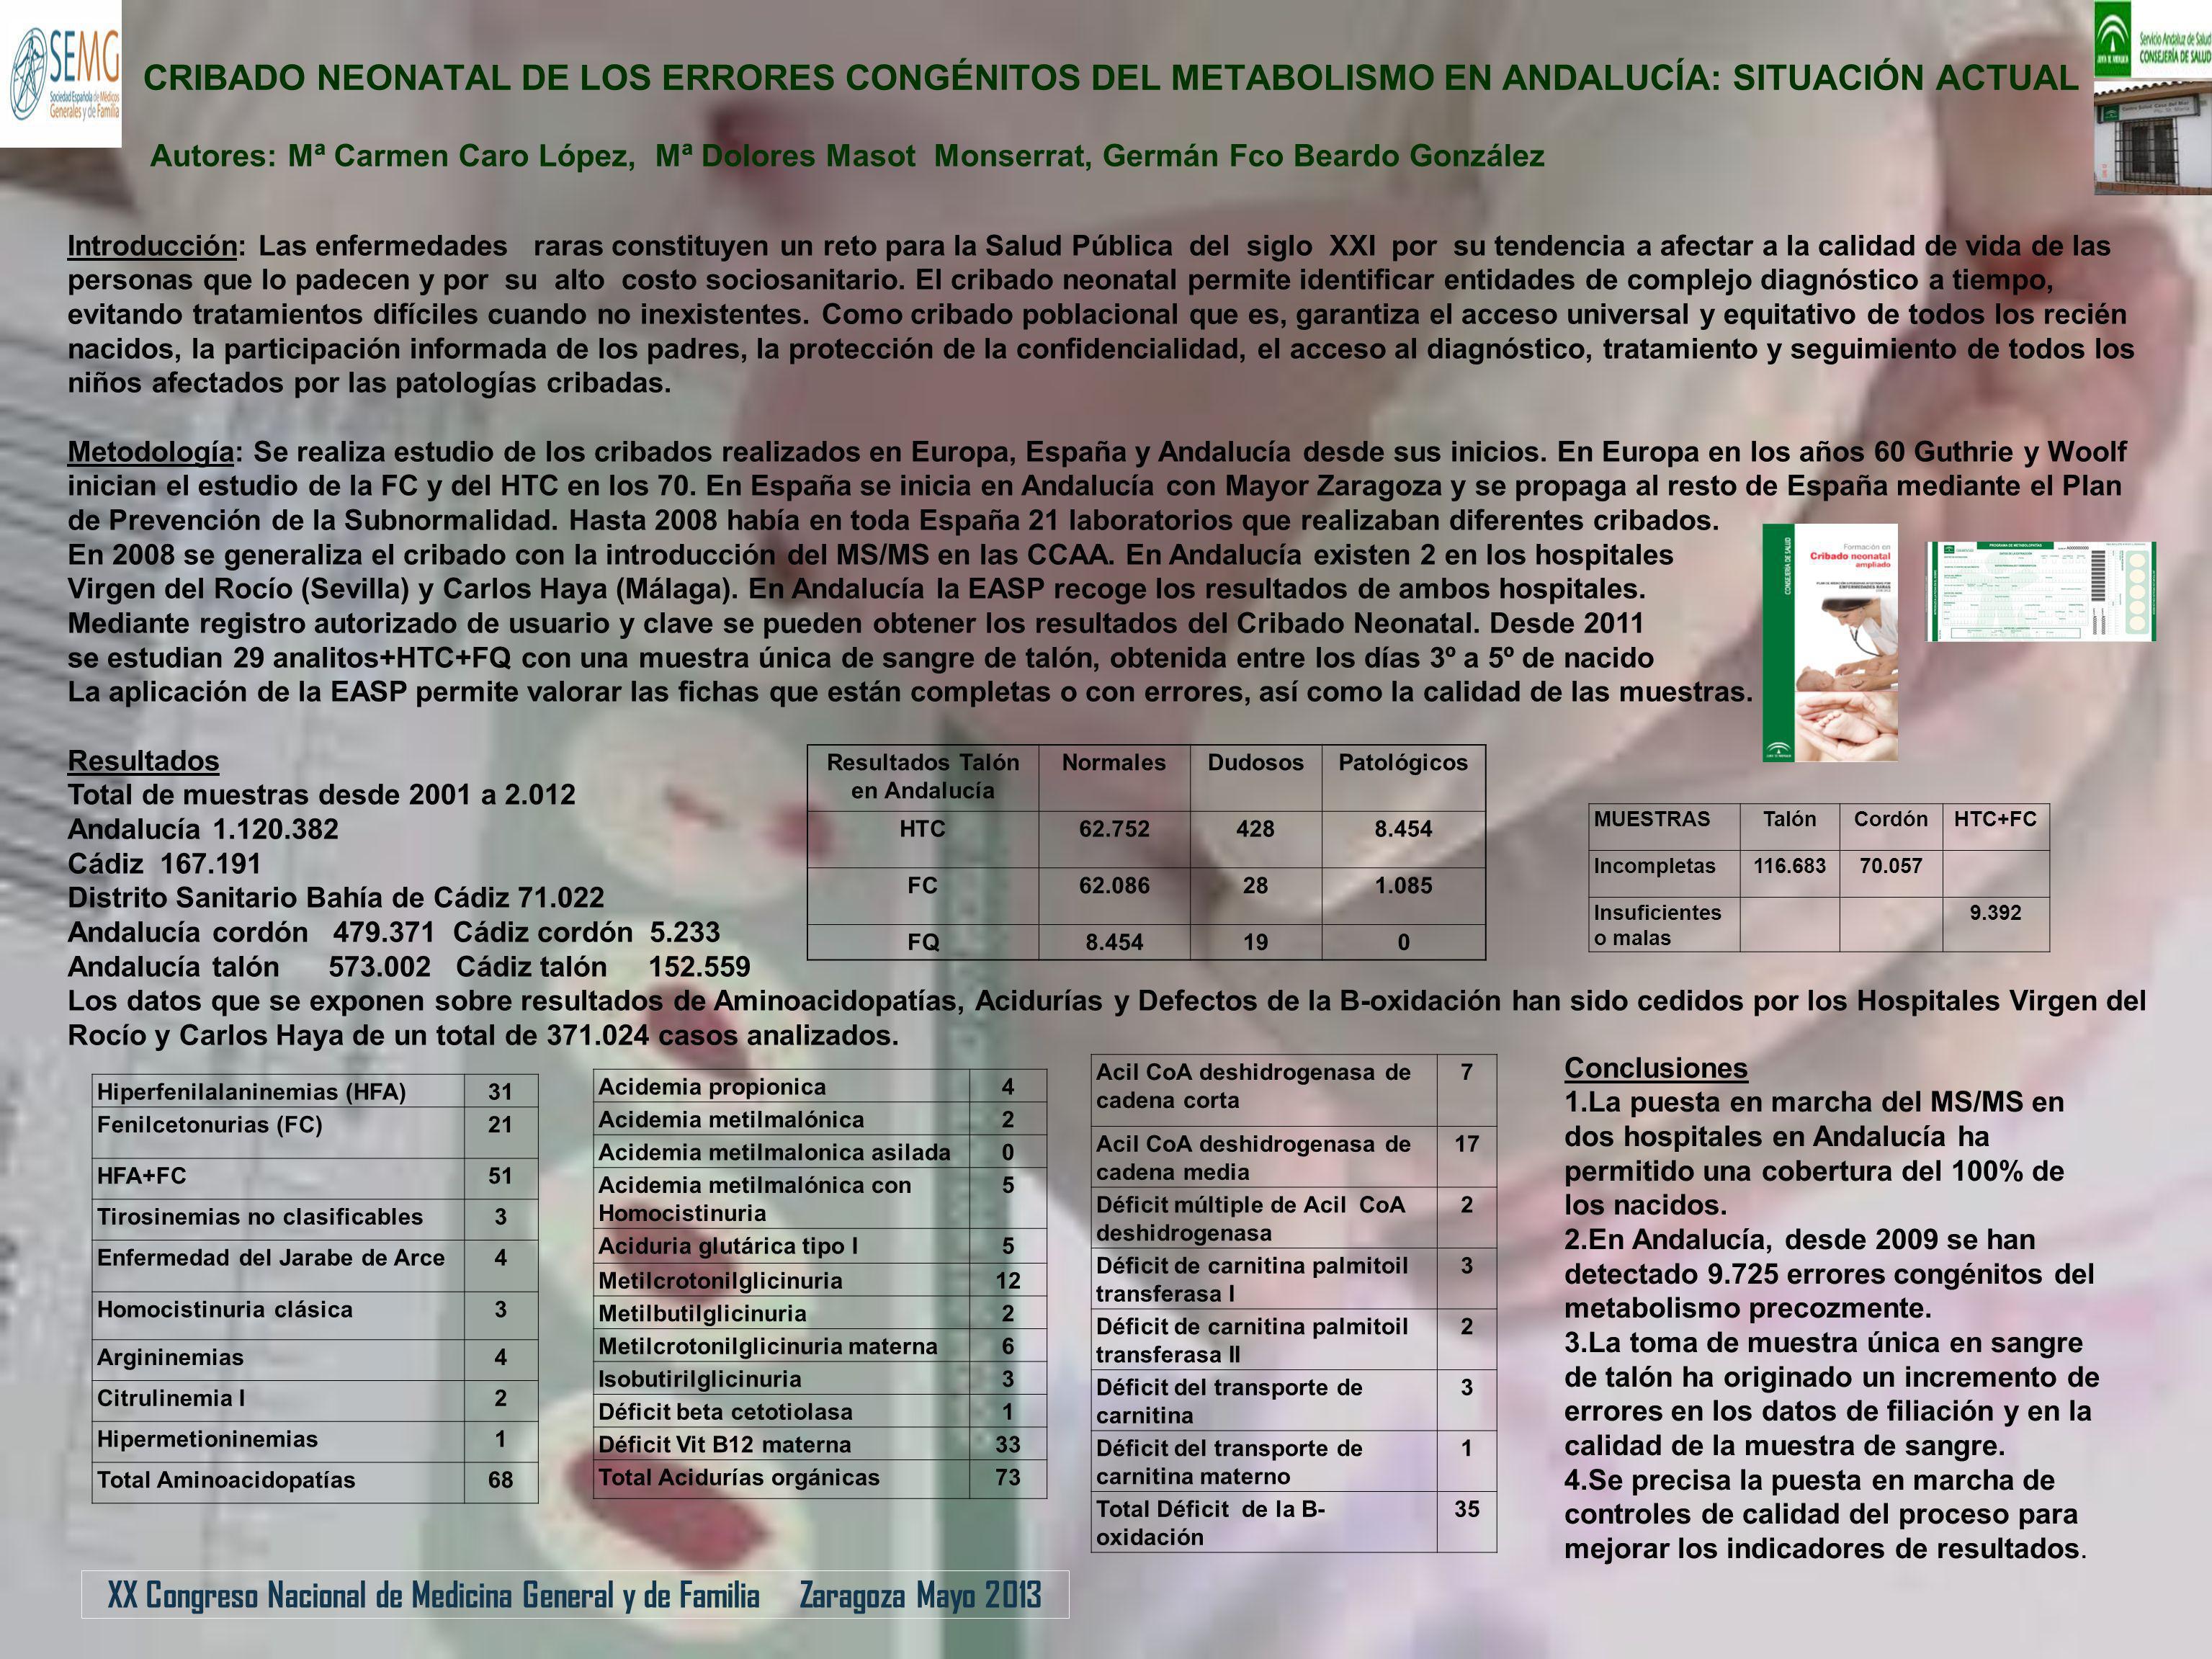 Resultados Talón en Andalucía